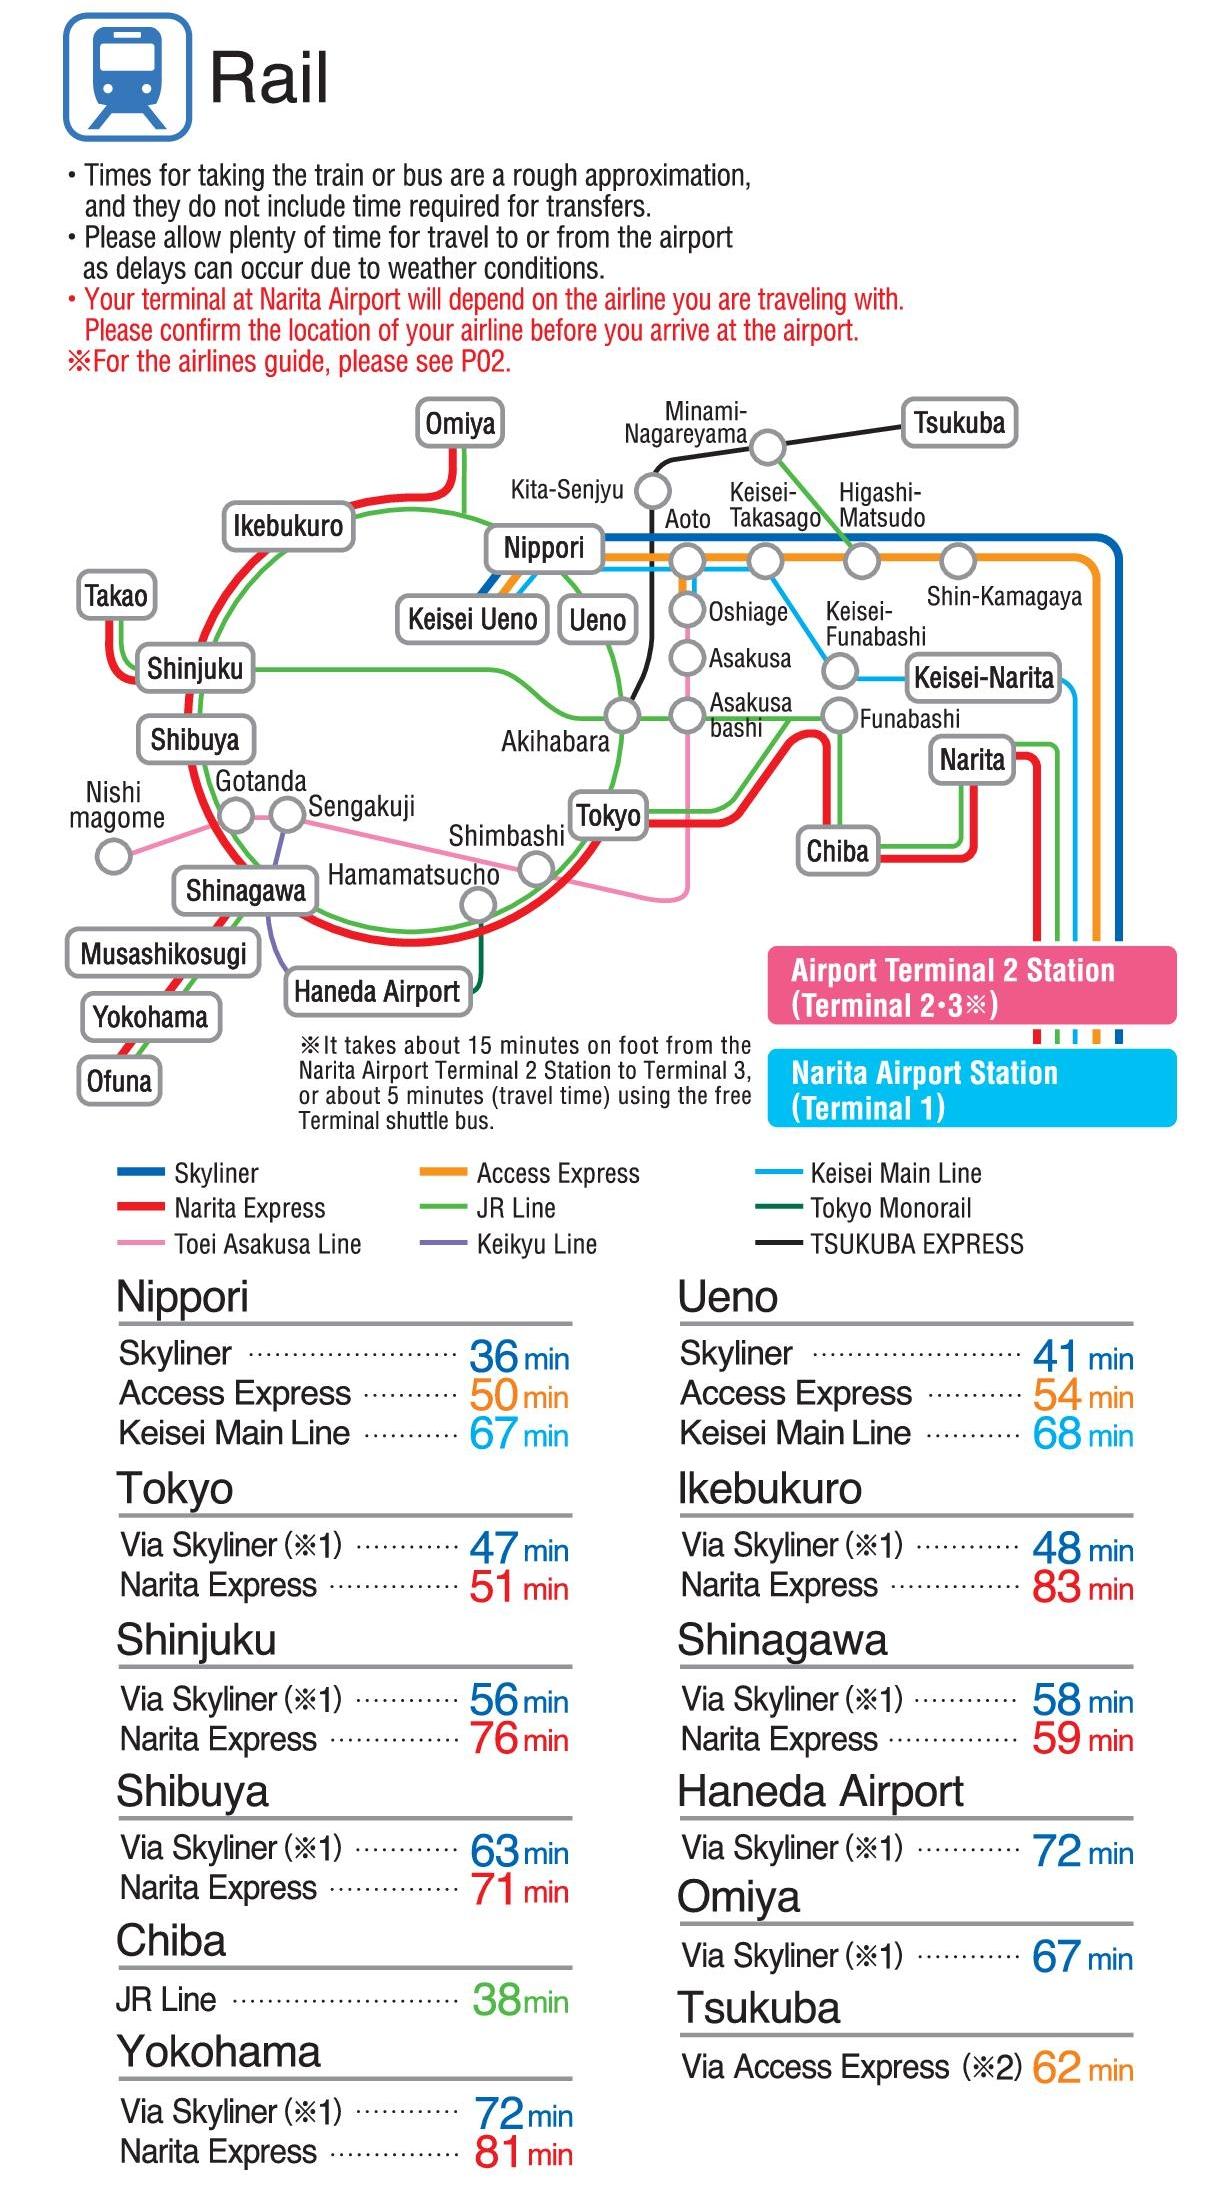 Схема движения поездов в аэропорту Нарита, Токио